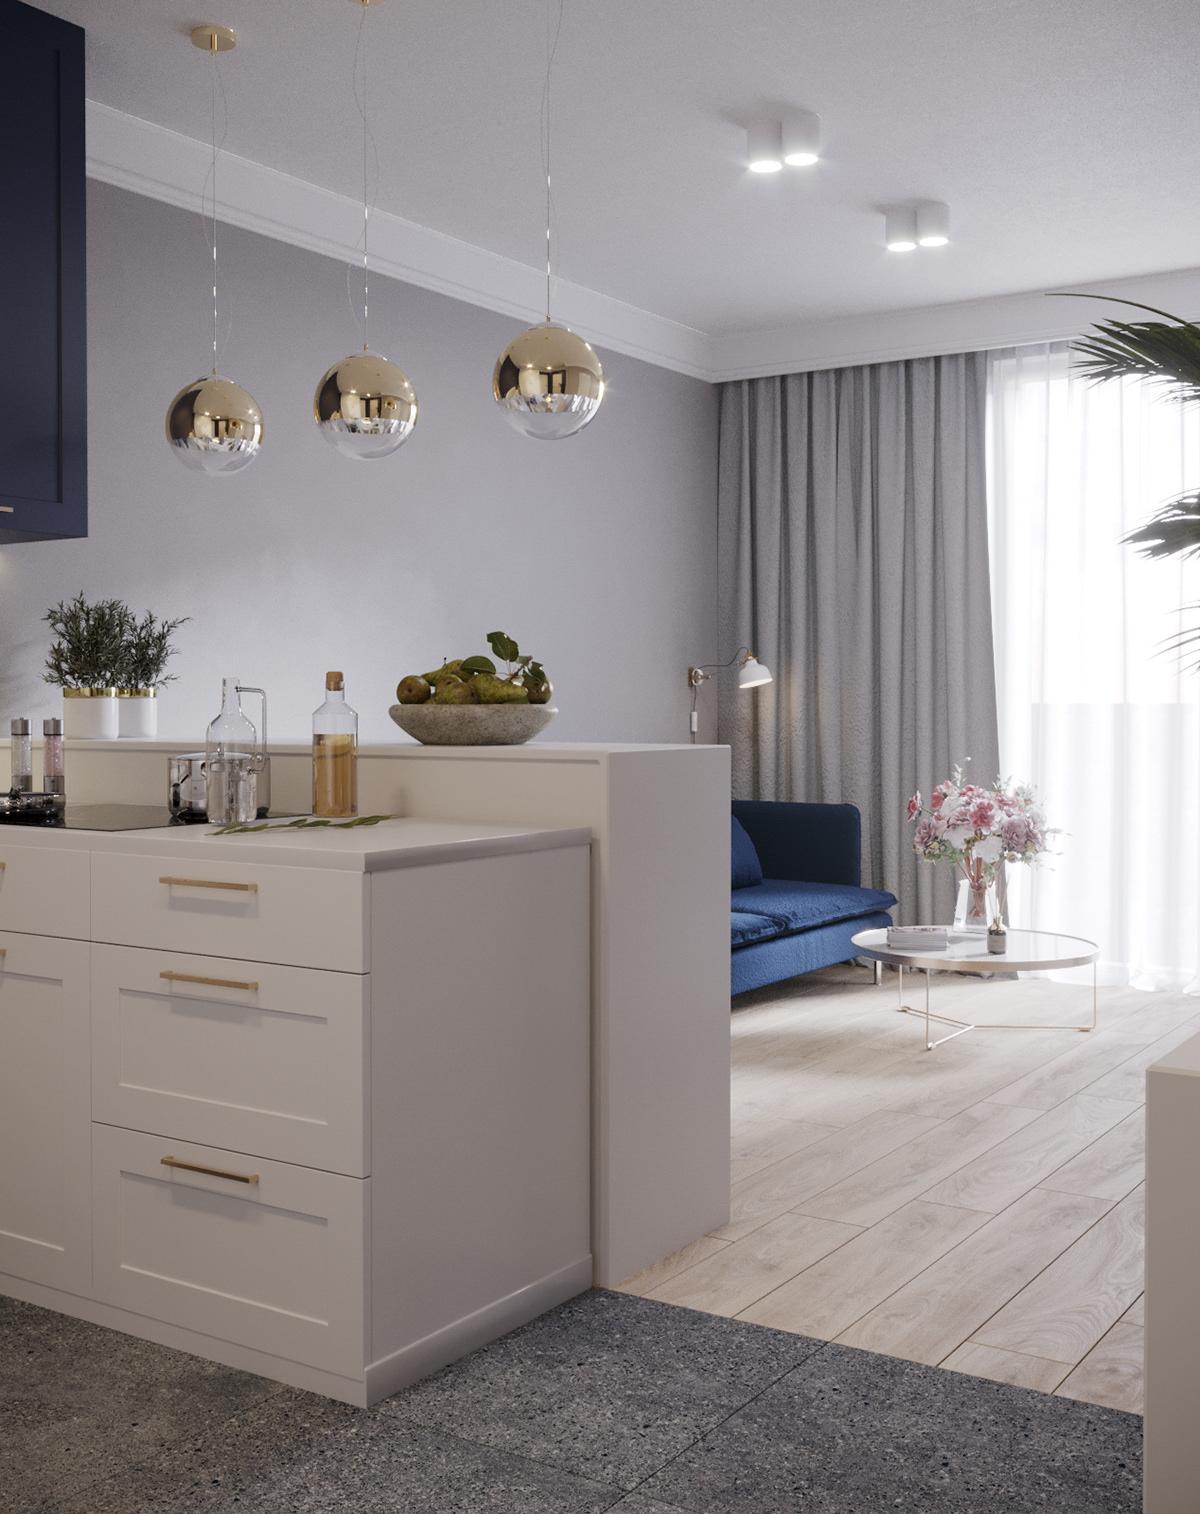 gold Interior kitchen navy blue